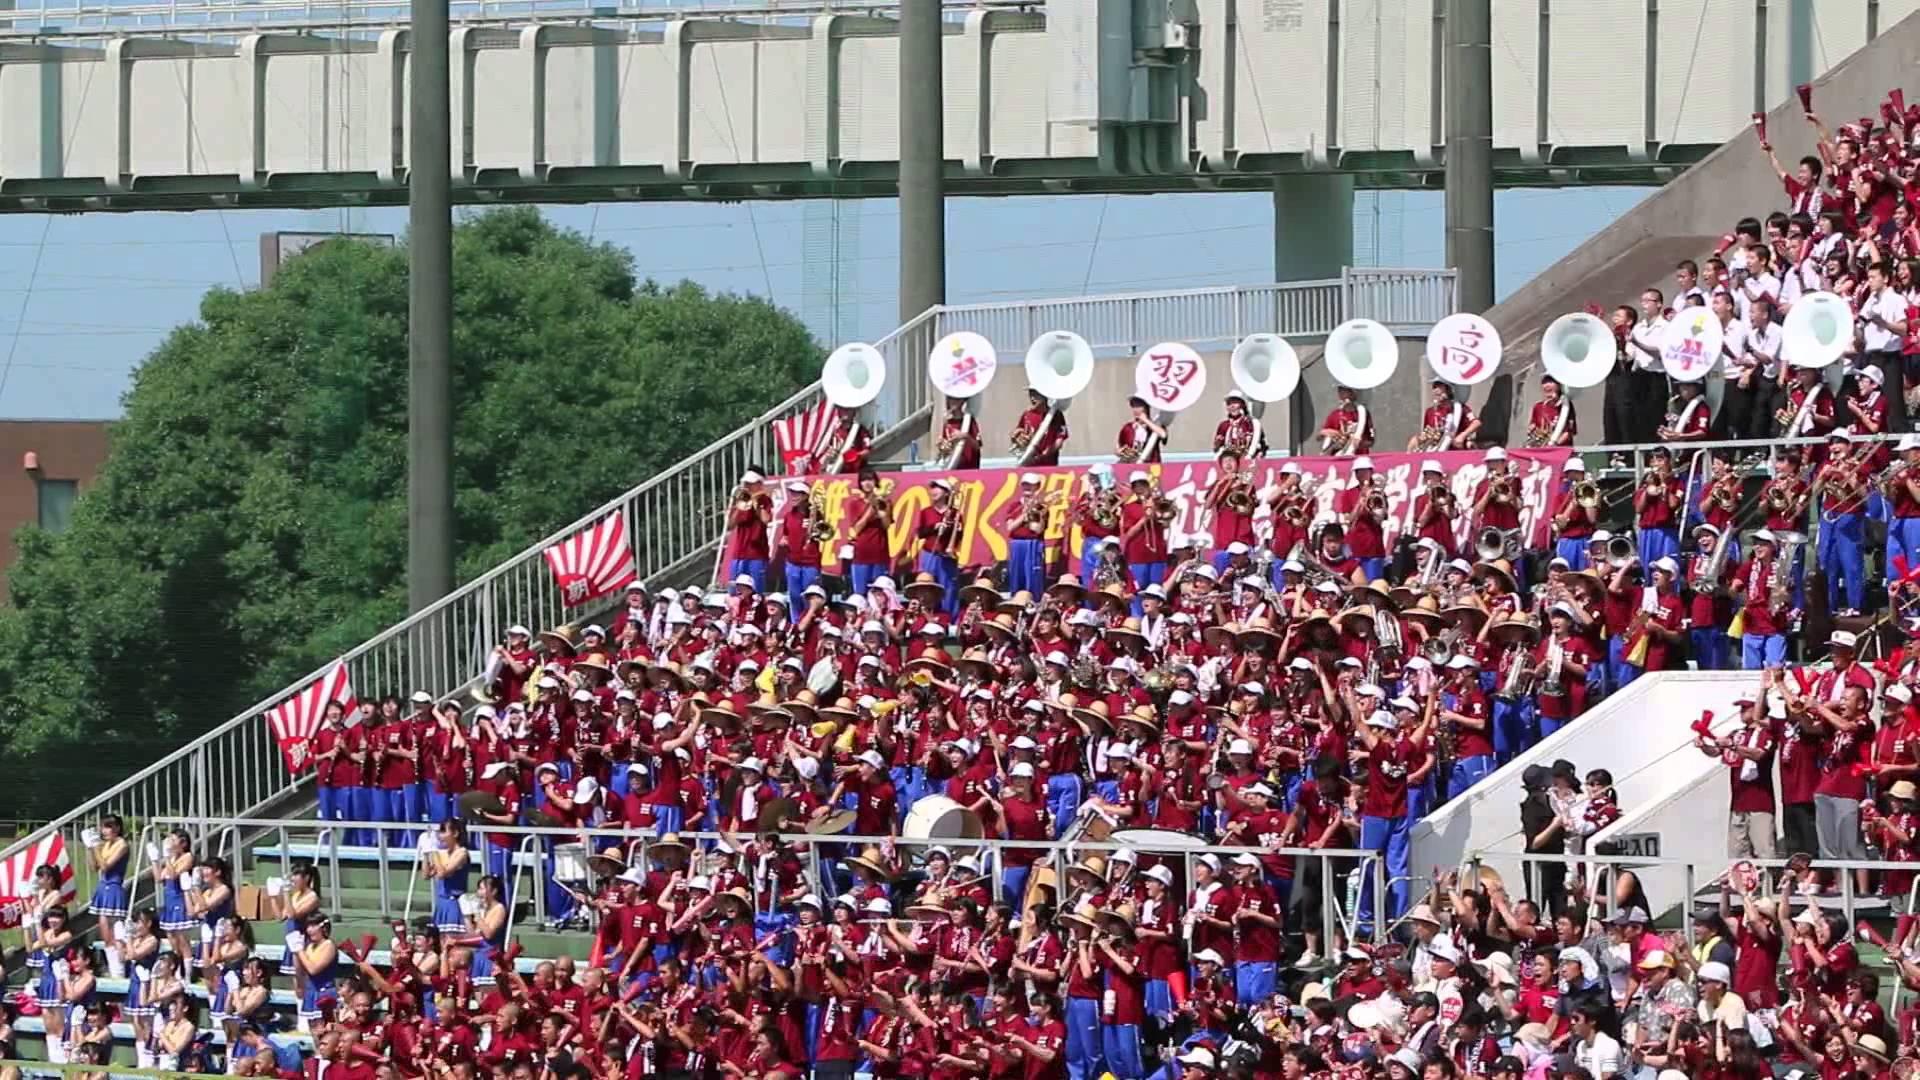 高校野球 習志野 ブラバン 大音量